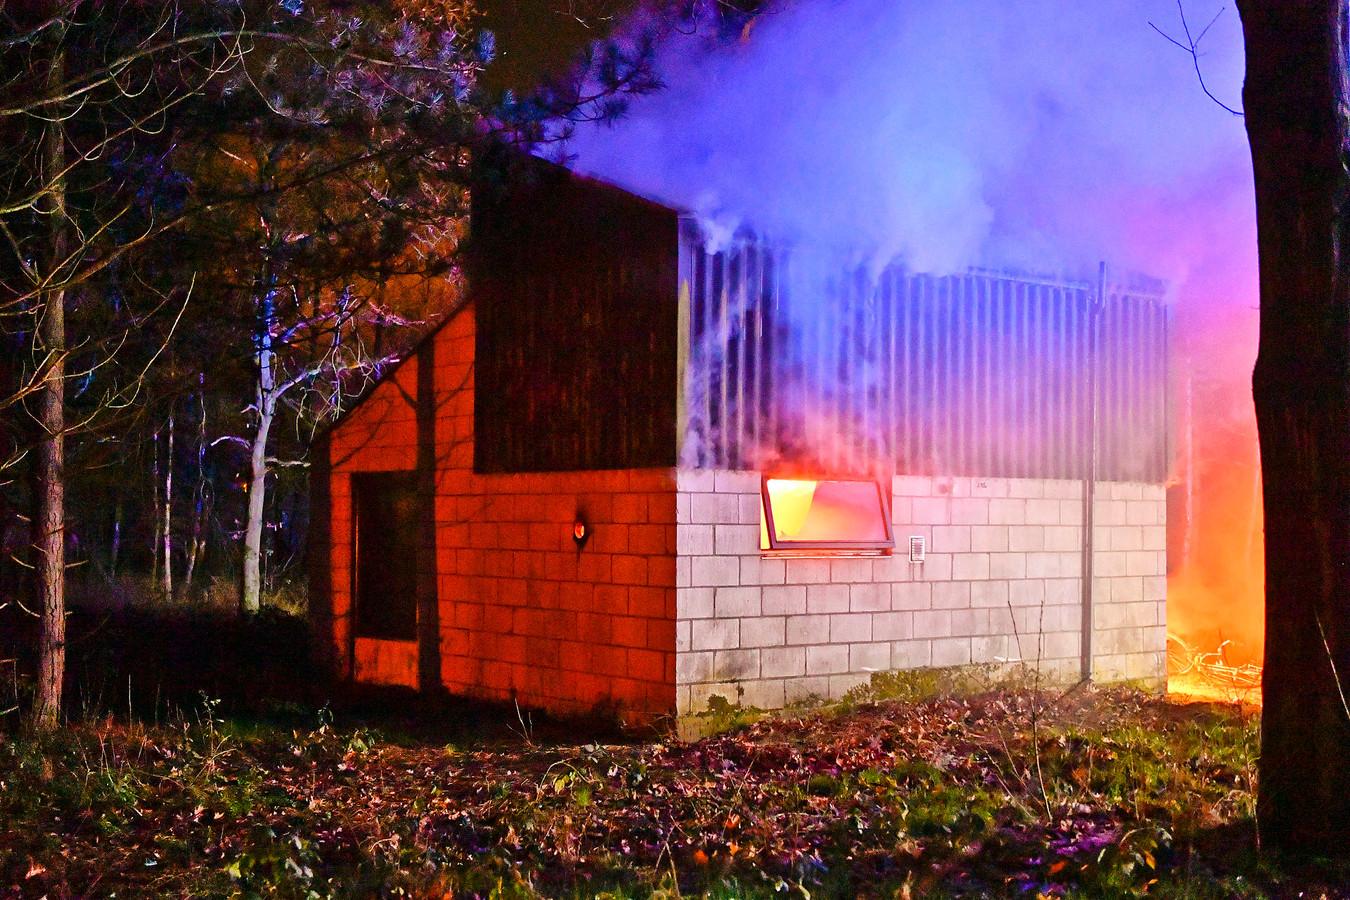 De brand brak rond 02.15 uit.